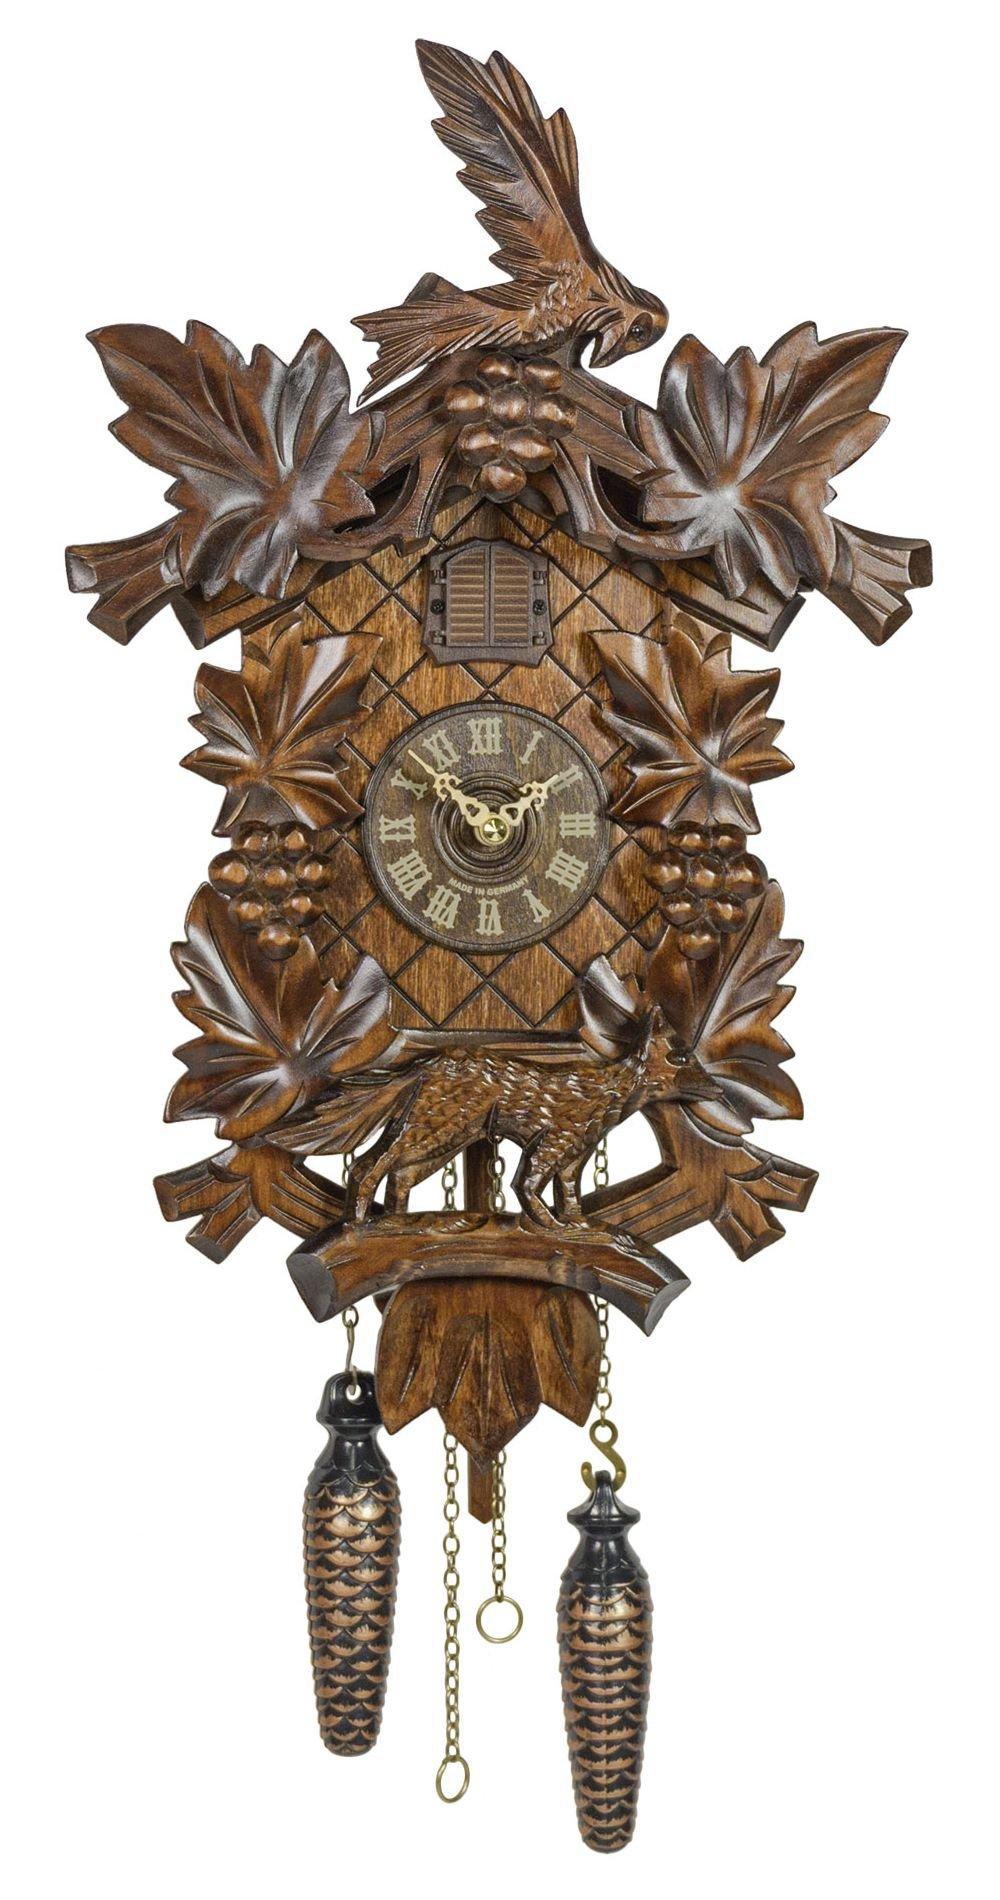 Quartz Cuckoo Clock 6 leaves, Bird, Grapes incl. batteries TU 359 Q